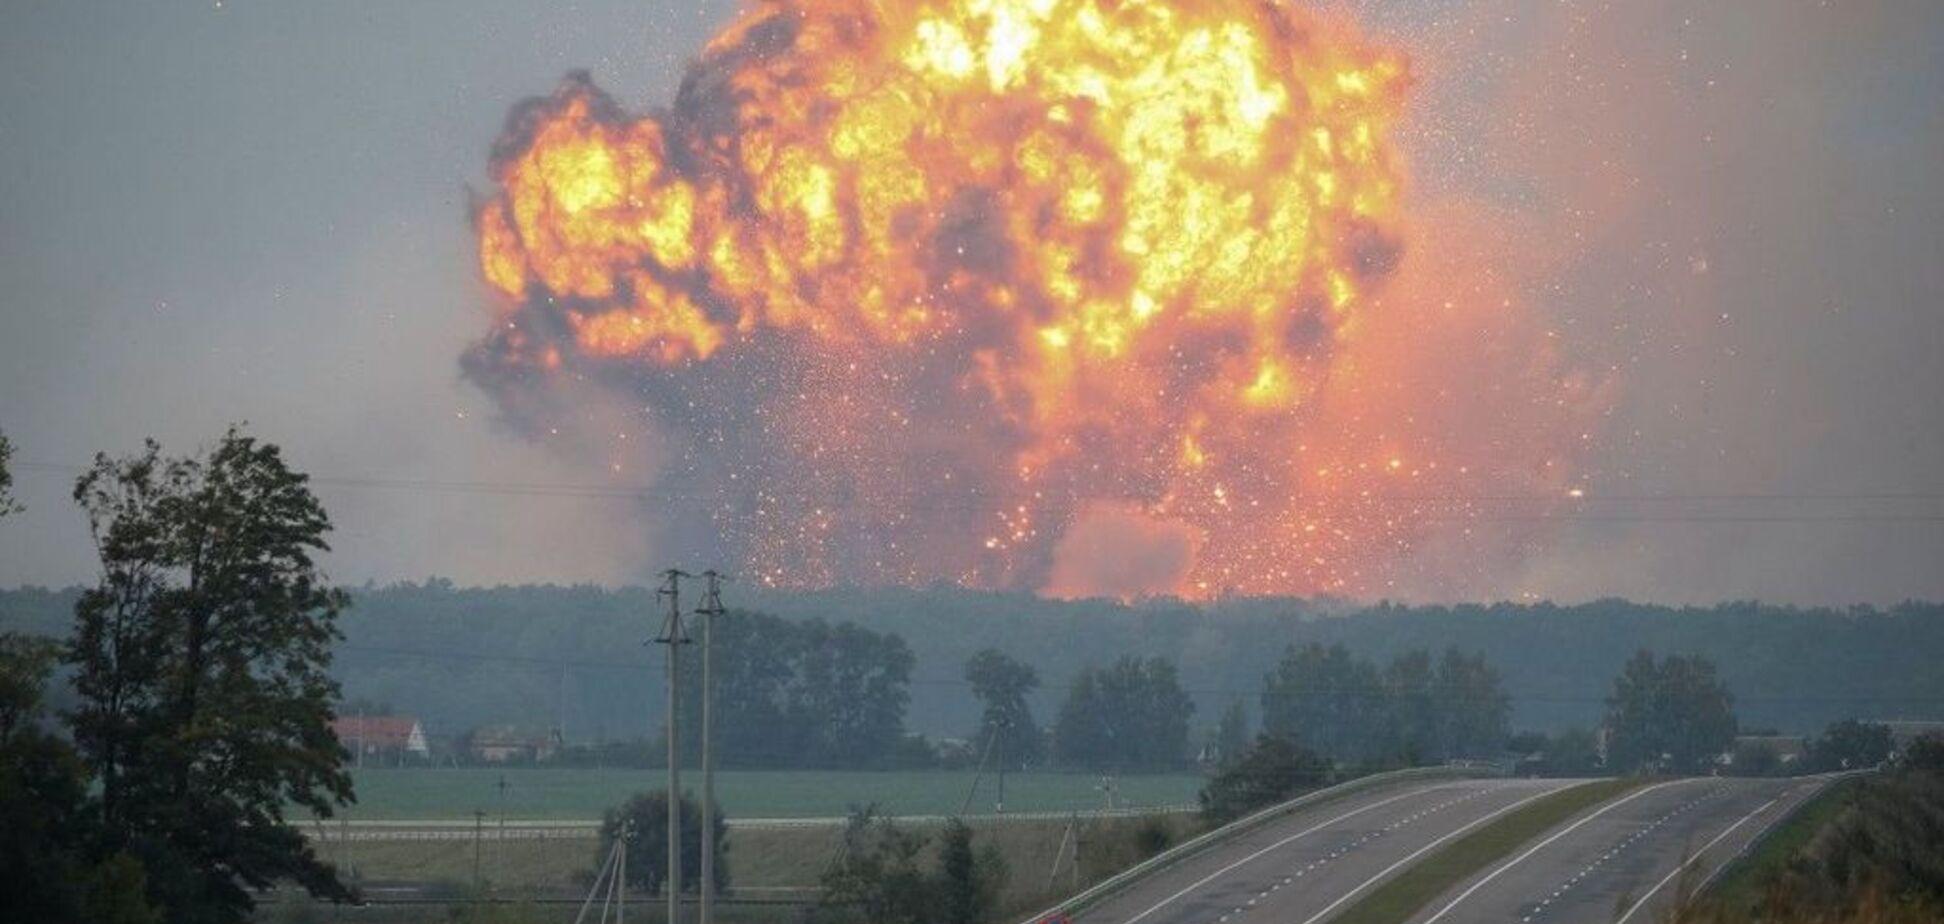 Спалились? У Росії видали підозрілу ''сенсацію'' про вибухи складів